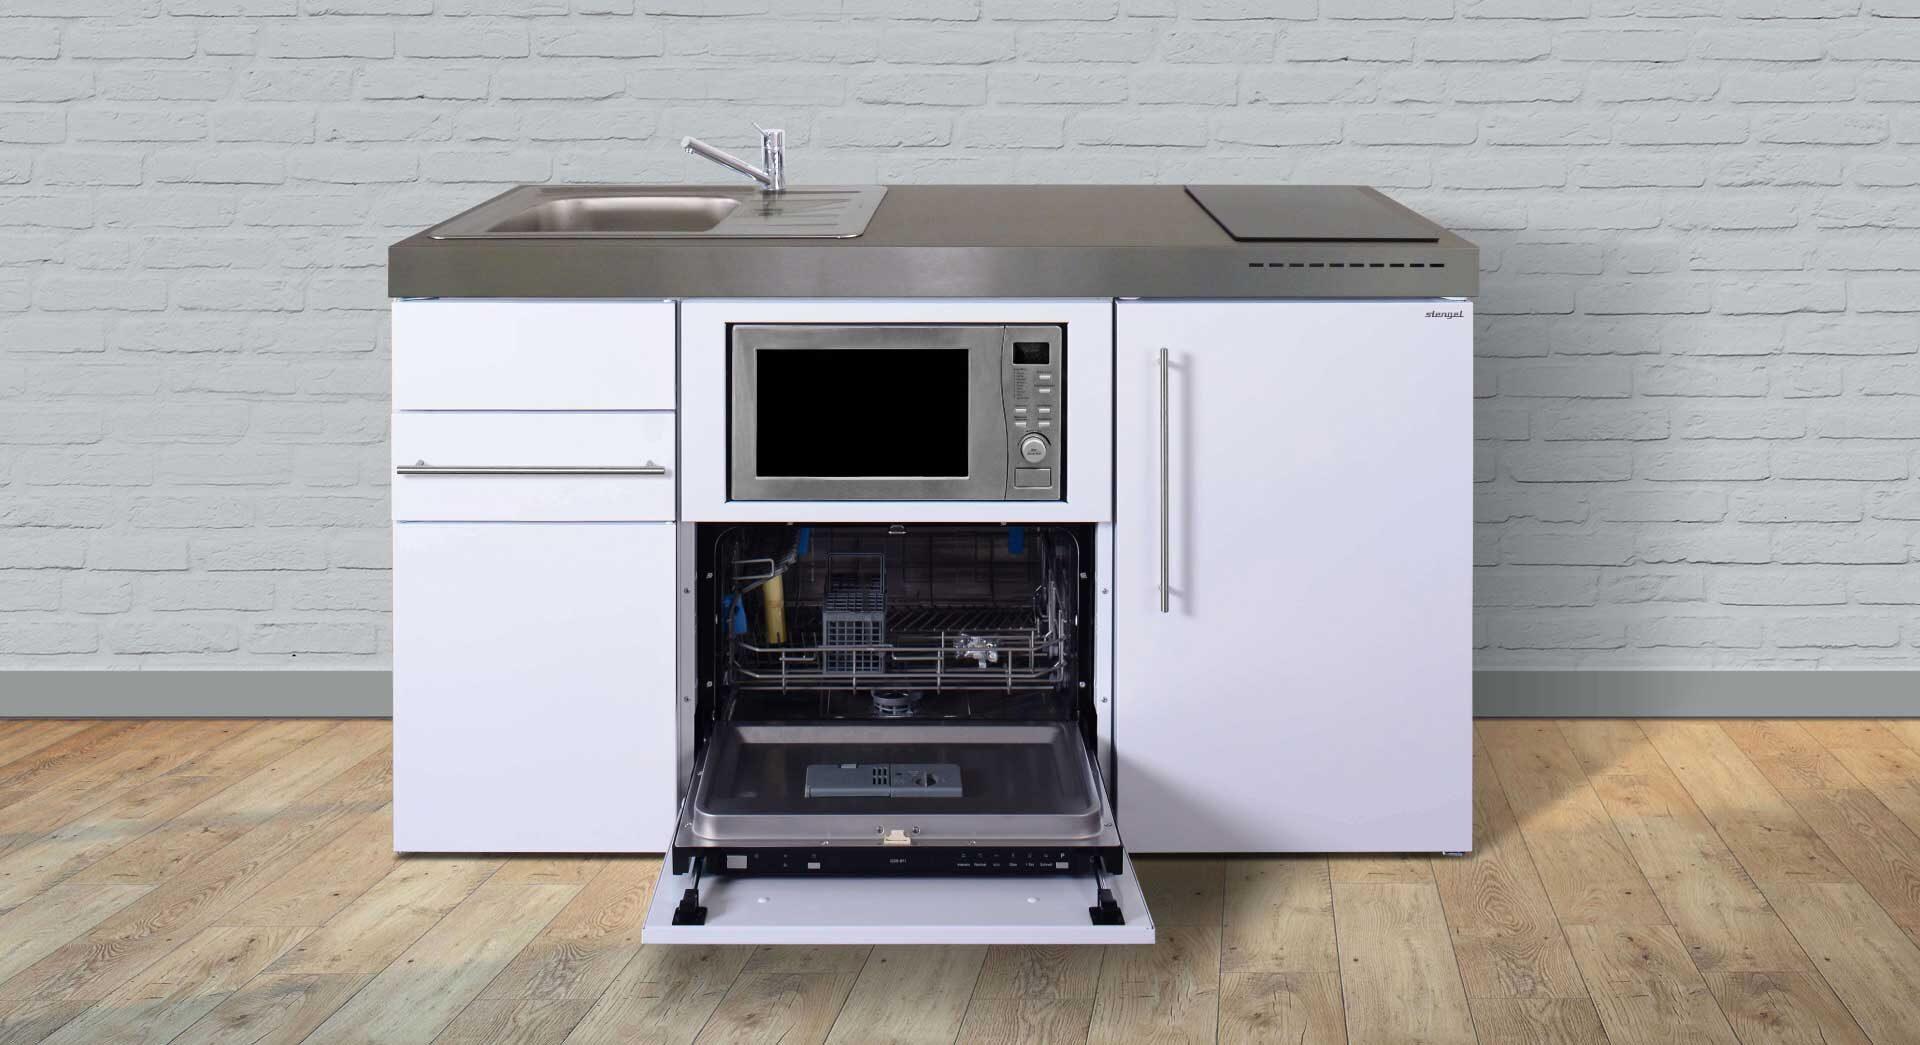 MPGSM 150 minikøkken / stålkøkken - inkl. hvidevarer. 100% genanvendelige materialer.Se pris/tilbud, produktinfo og tilvalg - Kontakt Kimbrer Lines, Røjbækvej 3, 9640 Farsø, tlf. 2512 6789.